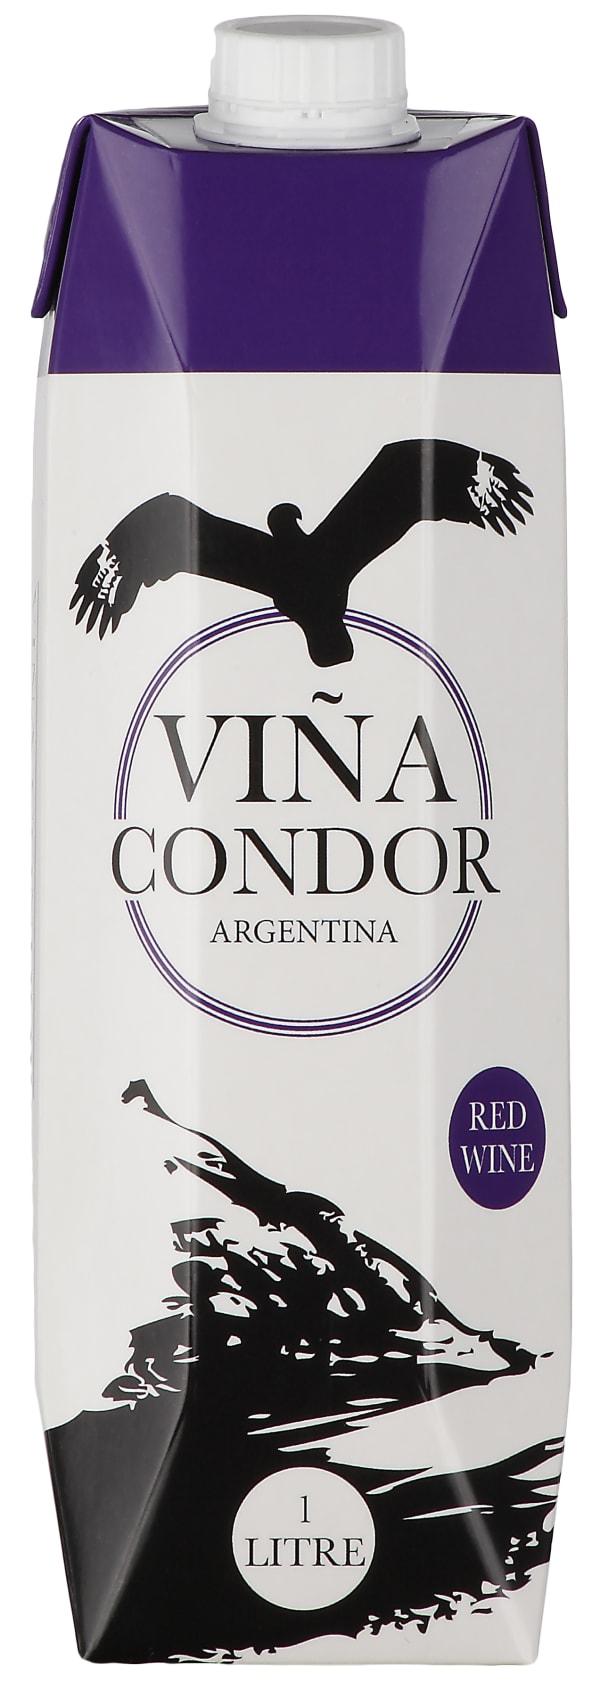 Viña Condor Malbec Shiraz 2015 kartongförpackning